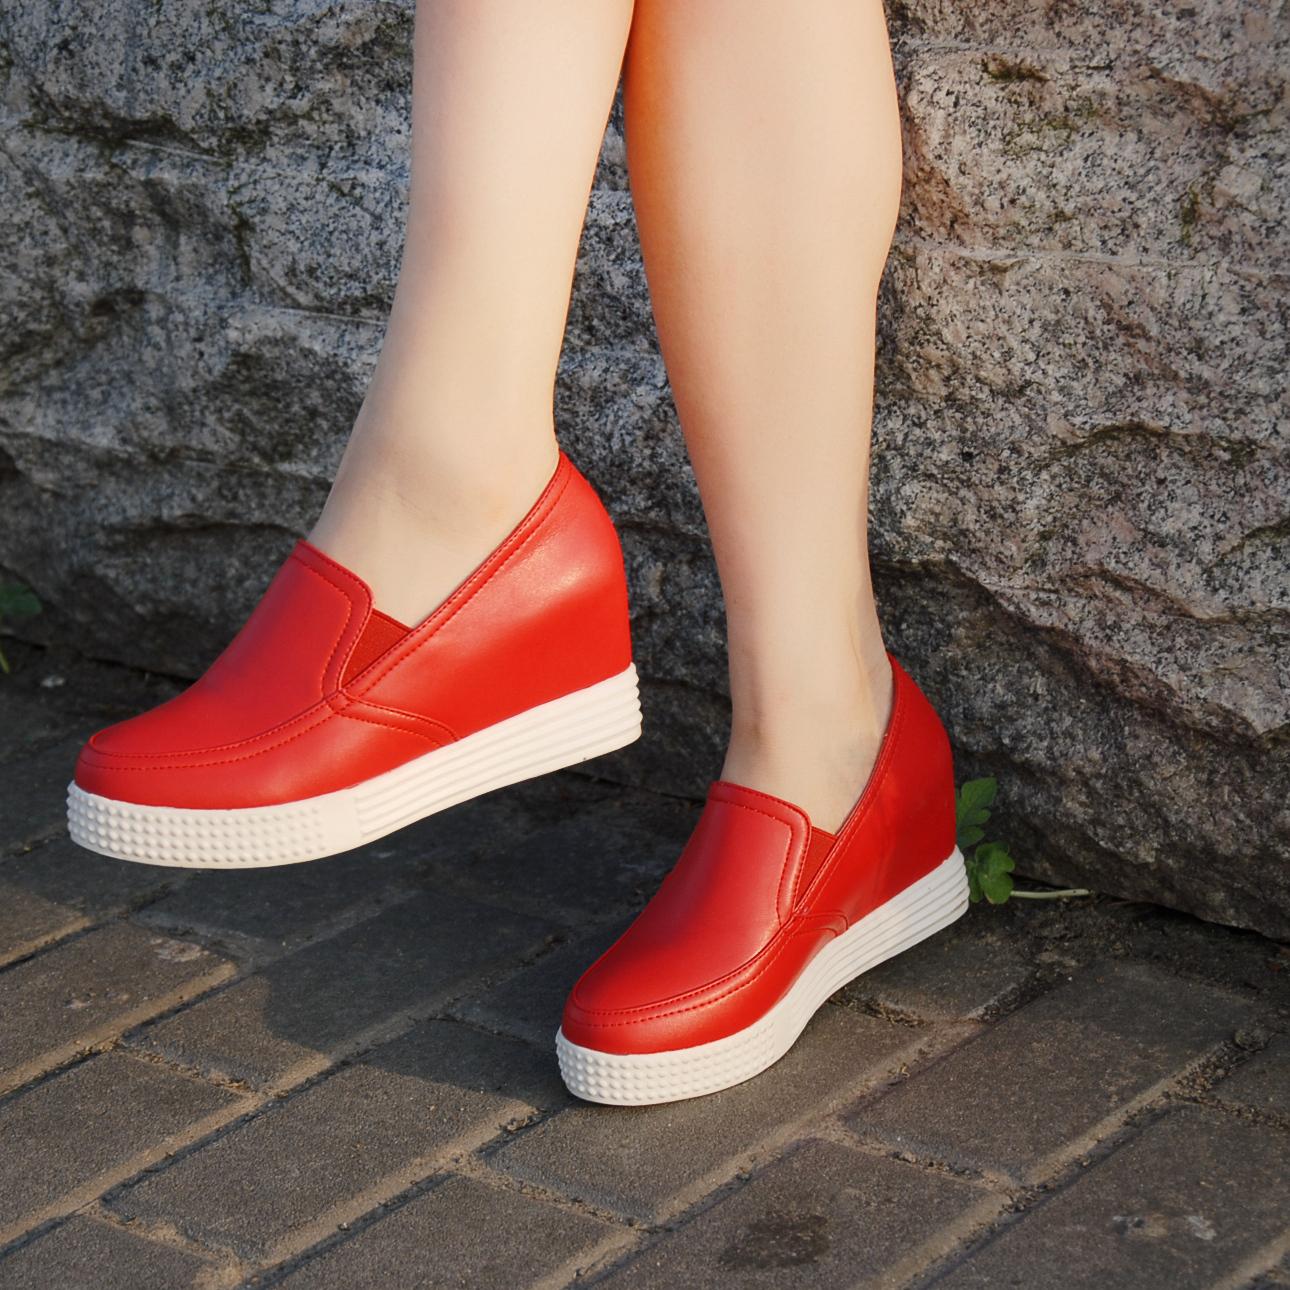 红色松糕鞋 2016四季鞋内增高小码红色乐福鞋女高跟松糕厚底圆头休闲鞋单鞋_推荐淘宝好看的红色松糕鞋